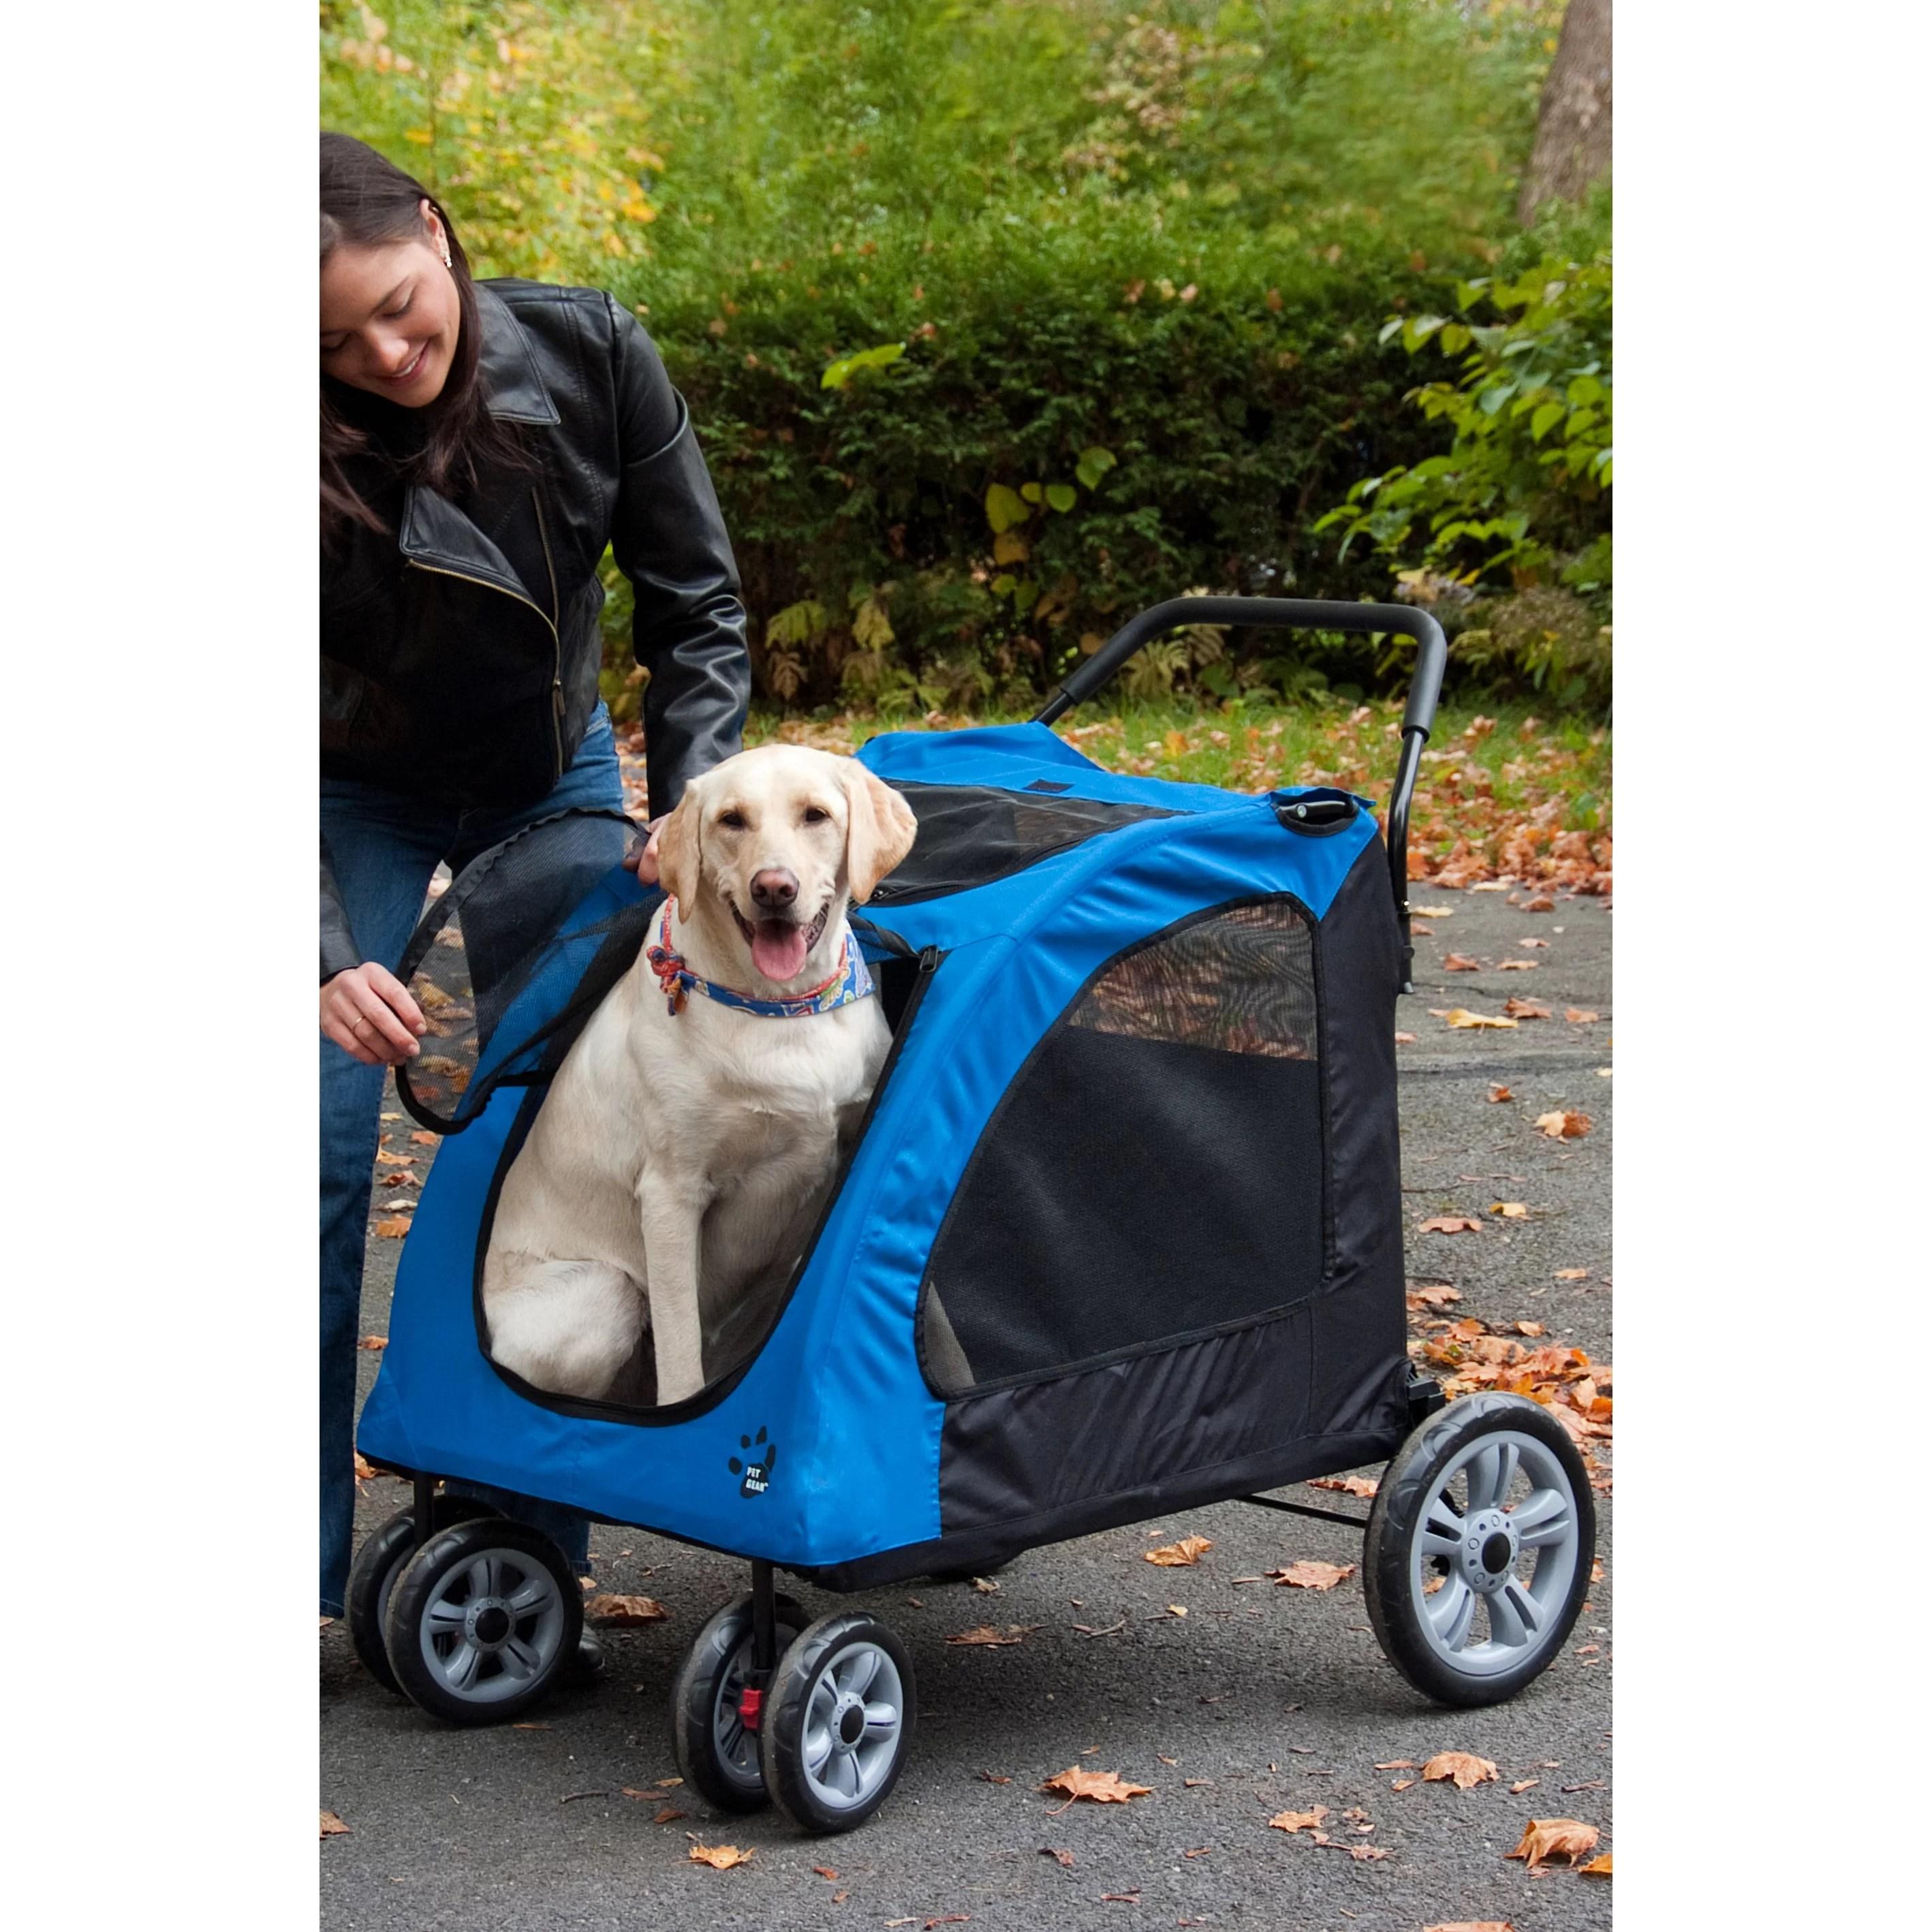 Pet Gear Expedition Standard Pet Stroller Amp Reviews Wayfair